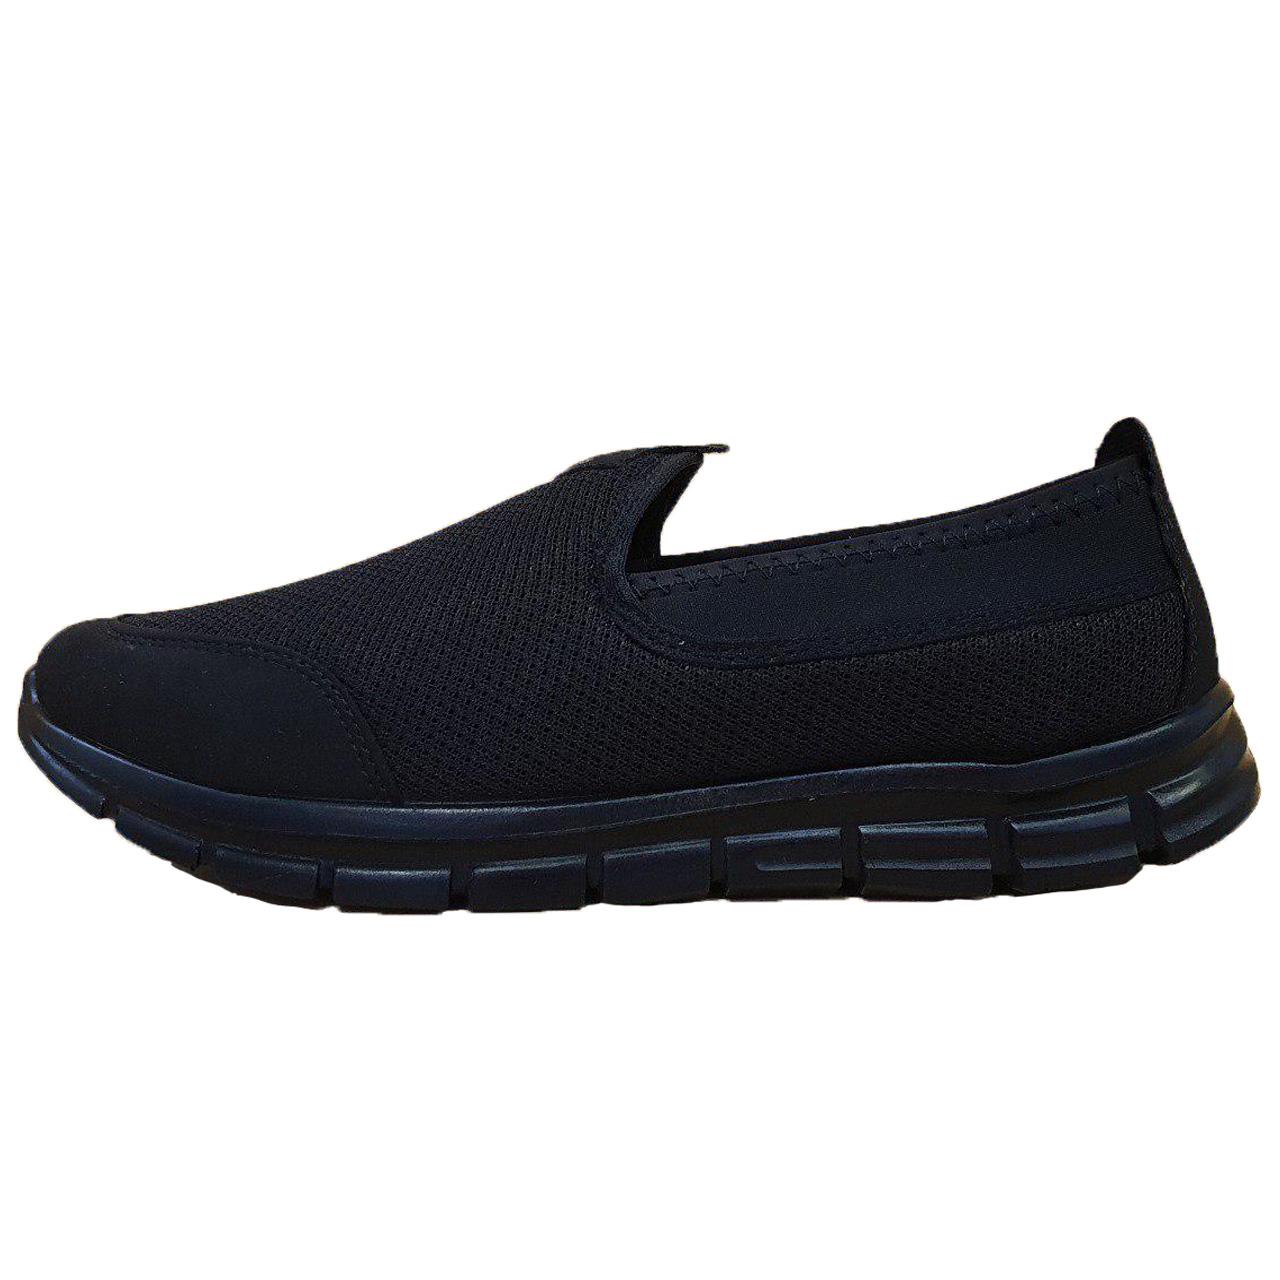 کفش مخصوص پیاده روی مردانه کفش شیما مدل اسکوتر